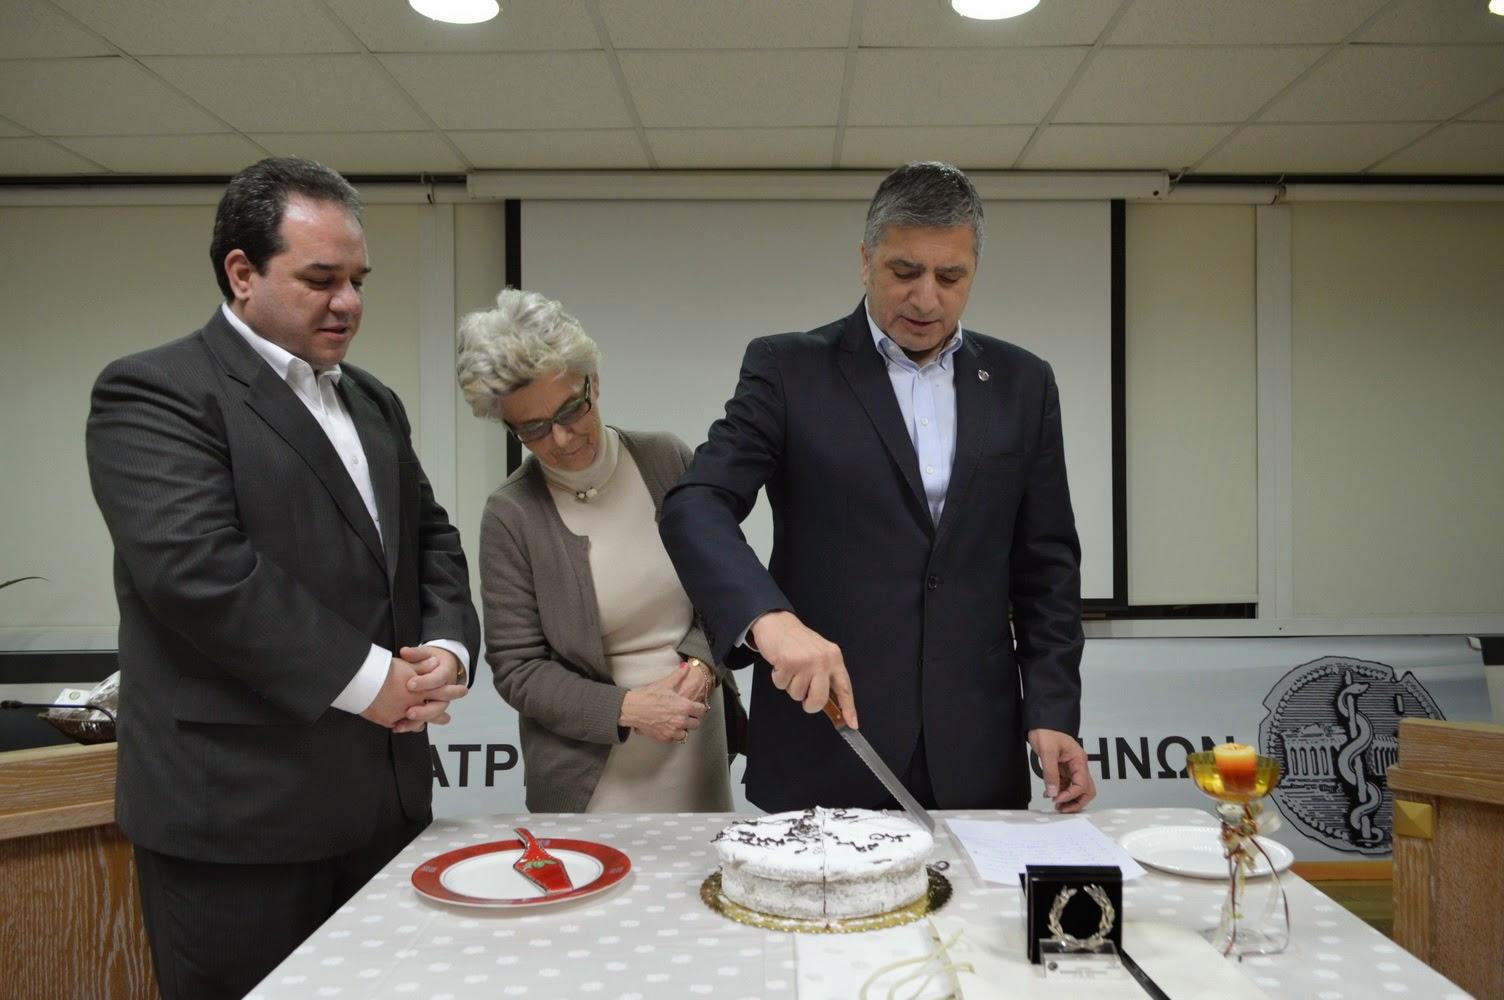 Το Ιατρείο Κοινωνικής Αποστολής έκοψε την πίτα του γιορτάζοντας τρία χρόνια προσφοράς στον συνάνθρωπο